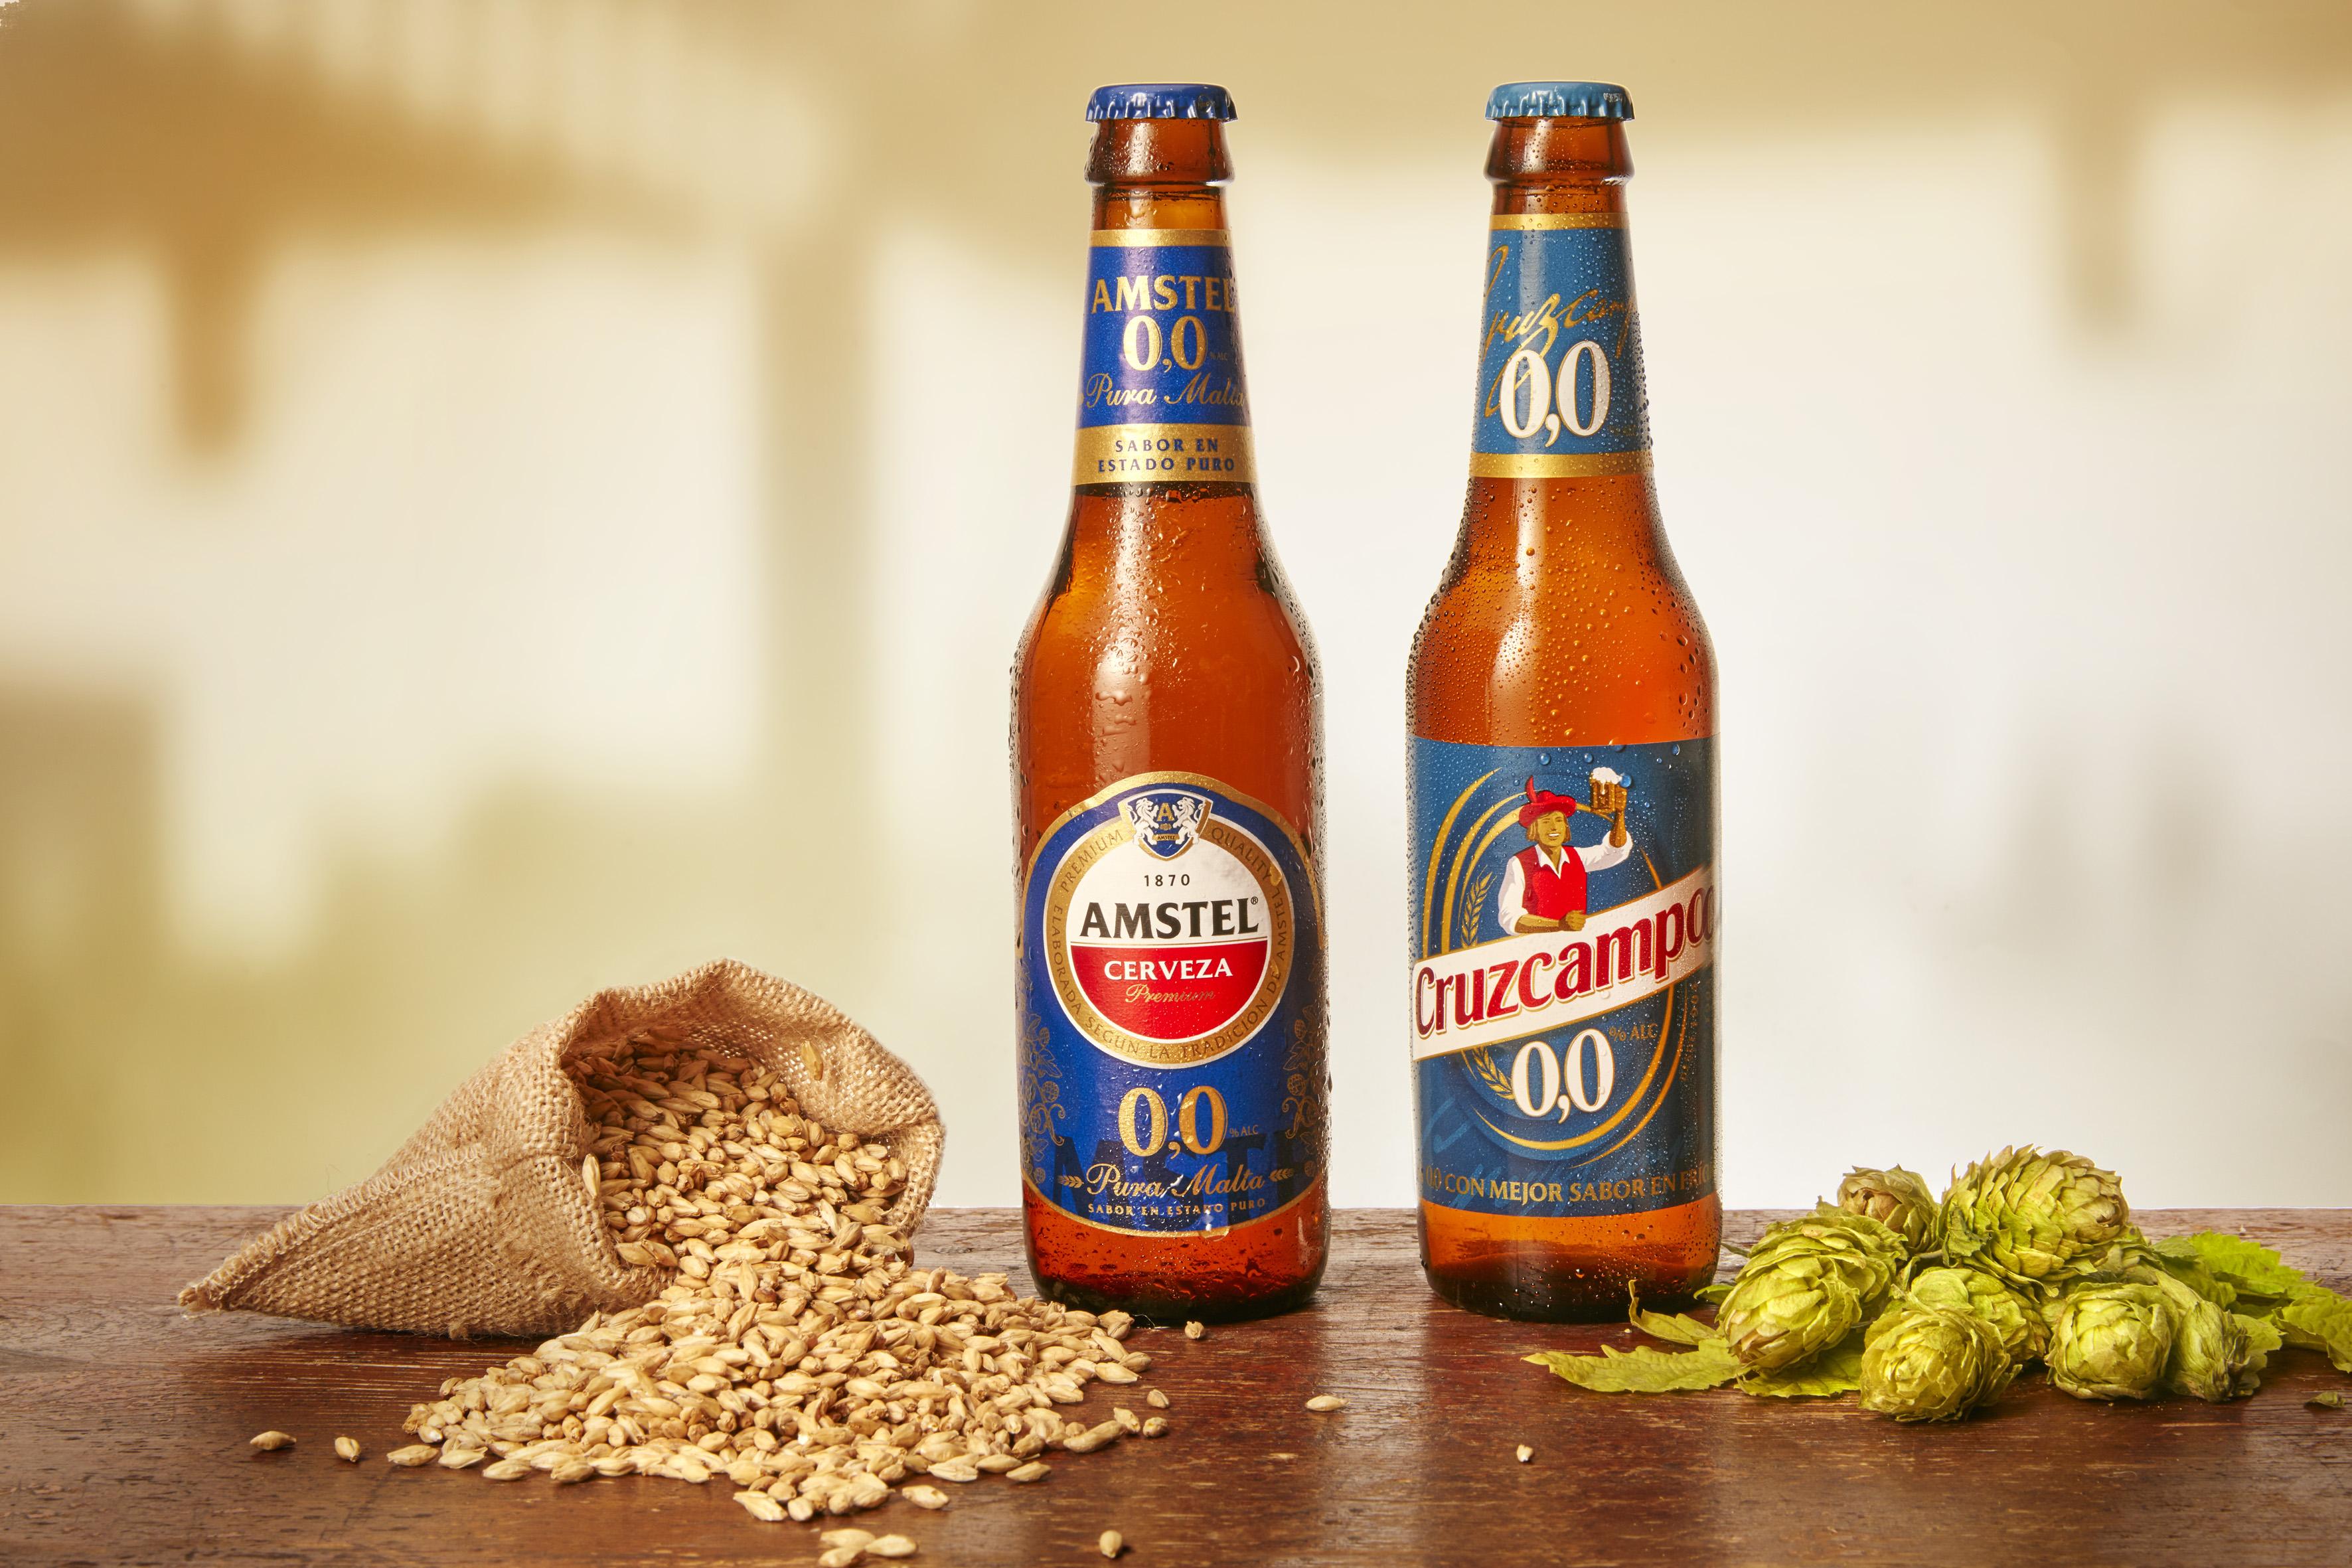 Dos nuevos lanzamientos con los que HEINEKEN España refuerza su apuesta por la variedad de 0,0 de cervezas